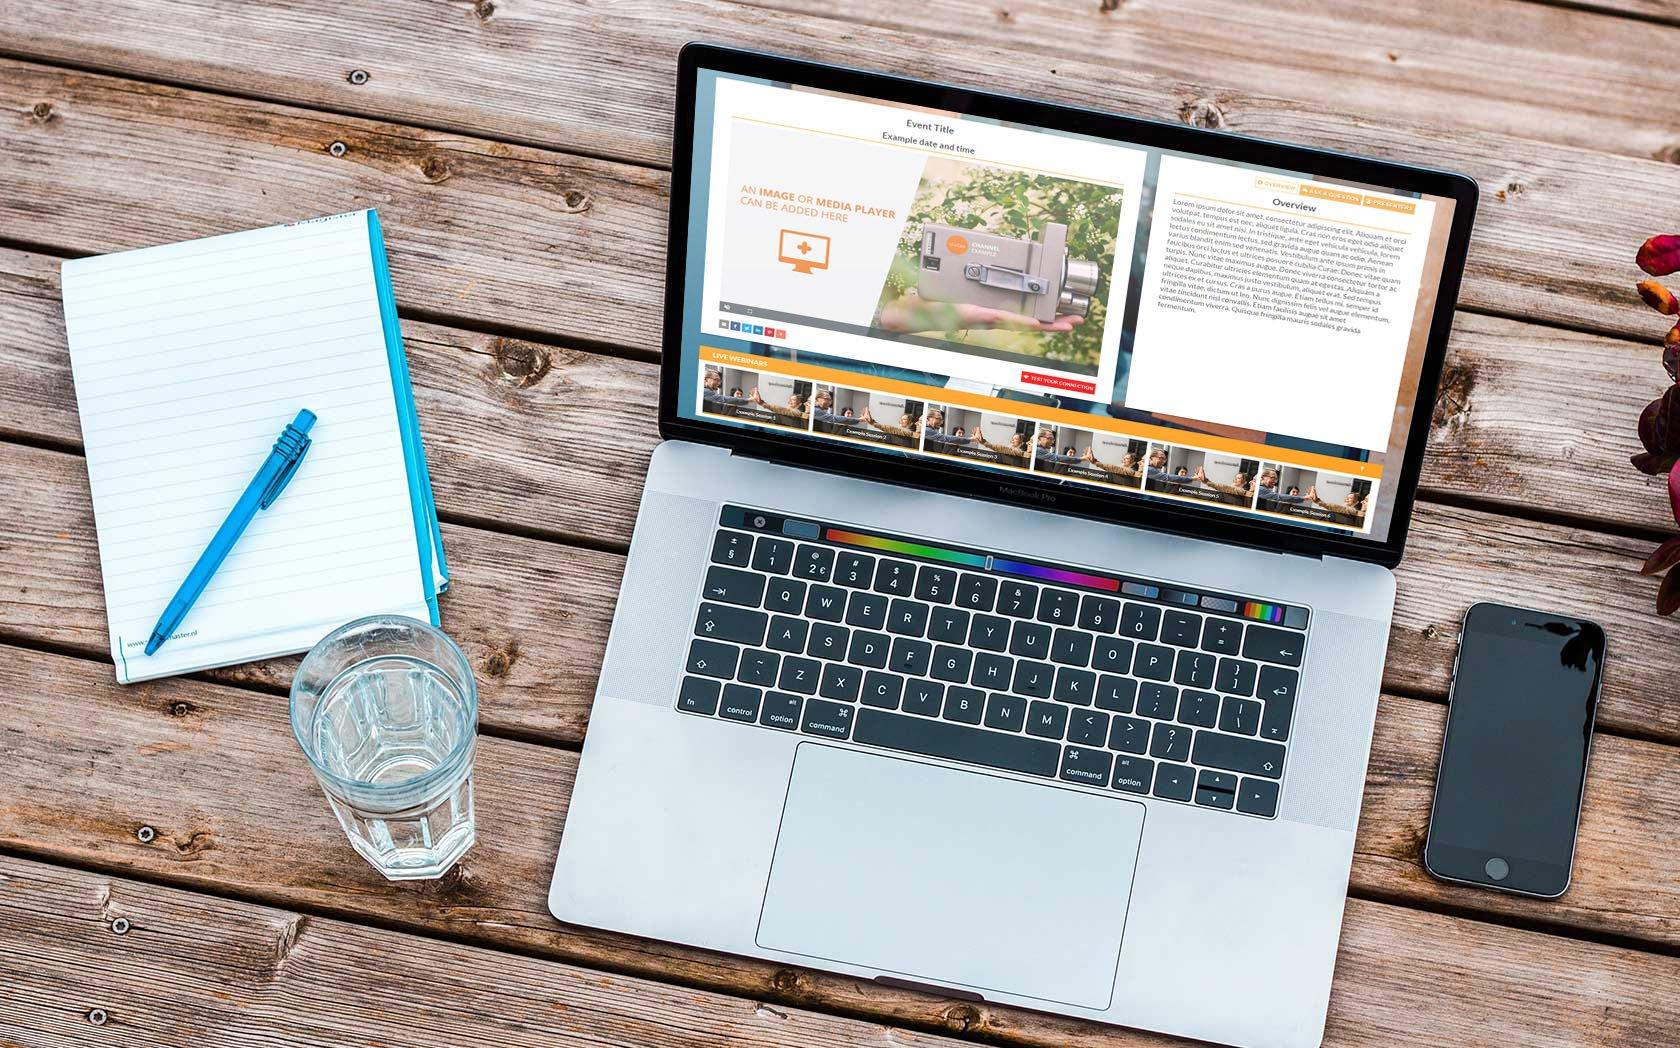 webinar pricing plan laptop screen